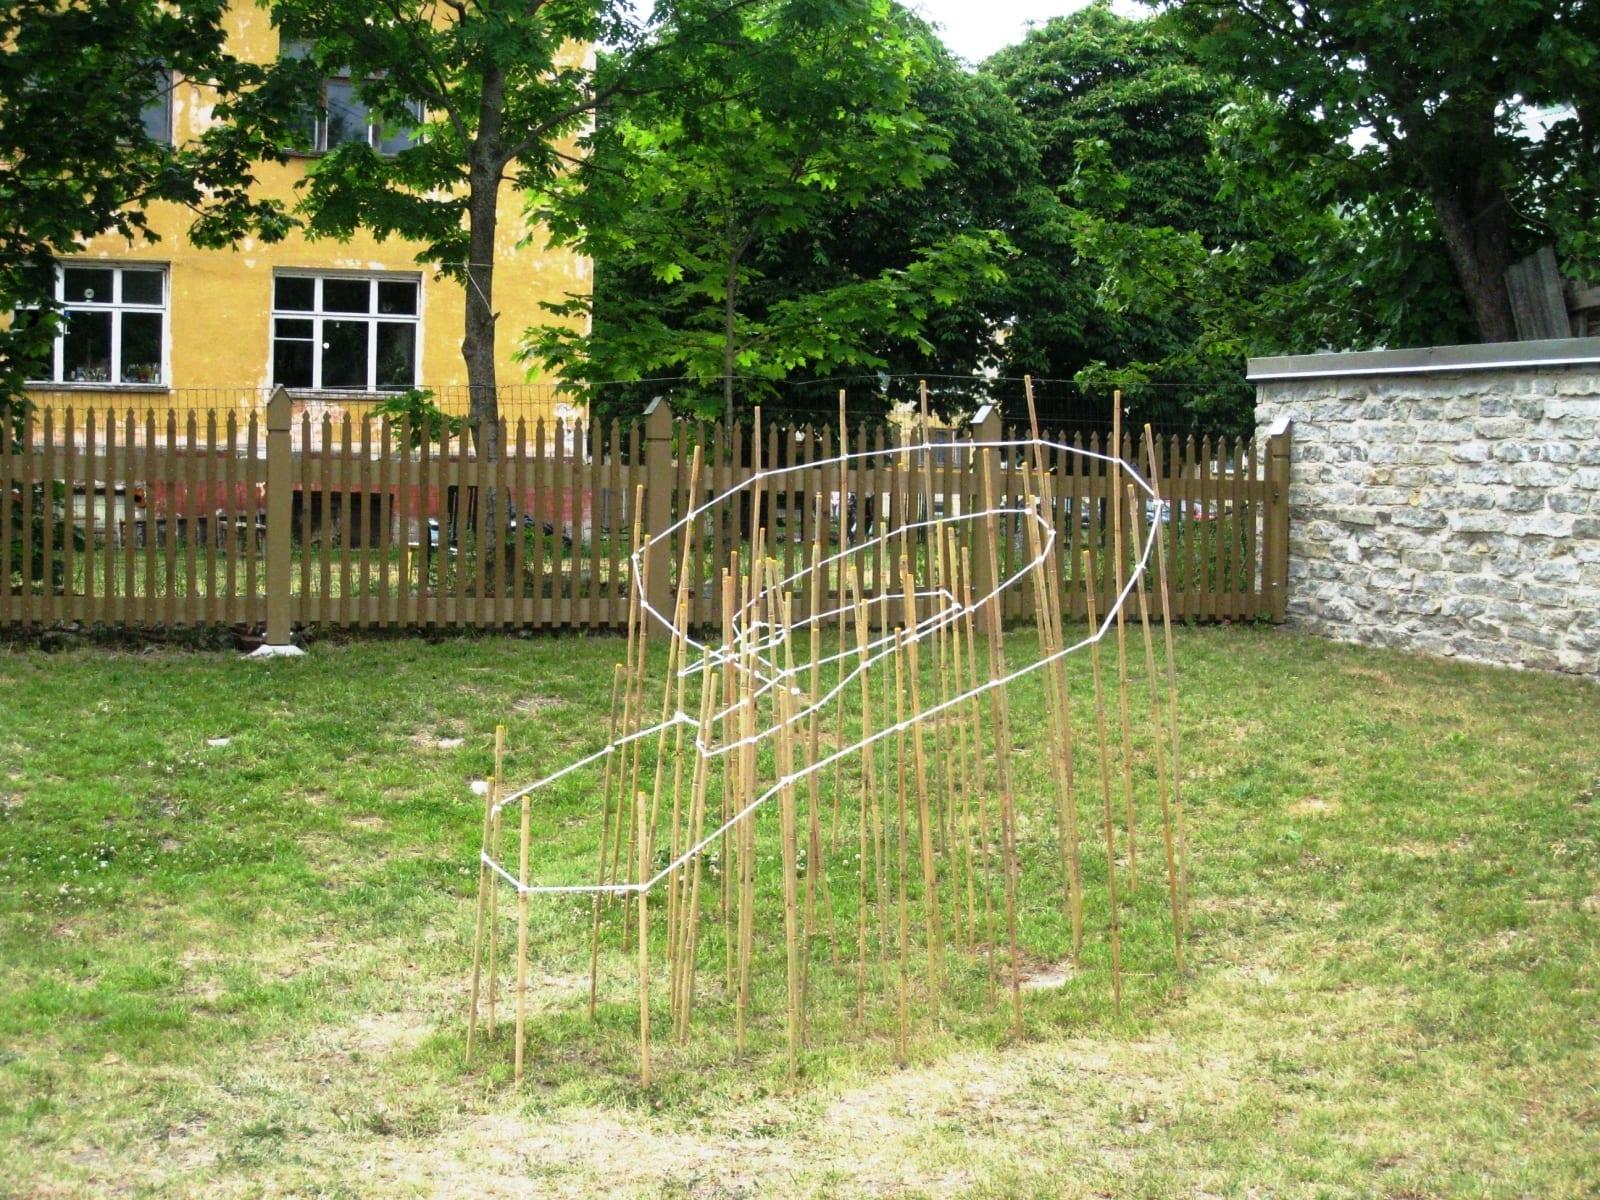 """""""VAIKNE KUULAJA"""" 2011 bambus, nöör p= 3,5 m  - rahvusvaheline skulptuurisümpoosion Paldiski, Eesti<br/> """"SILENT LISTENER"""" 2011 bamboo, rope l= 3,5 m - international sculpture symposium in Paldiski, Estonia"""